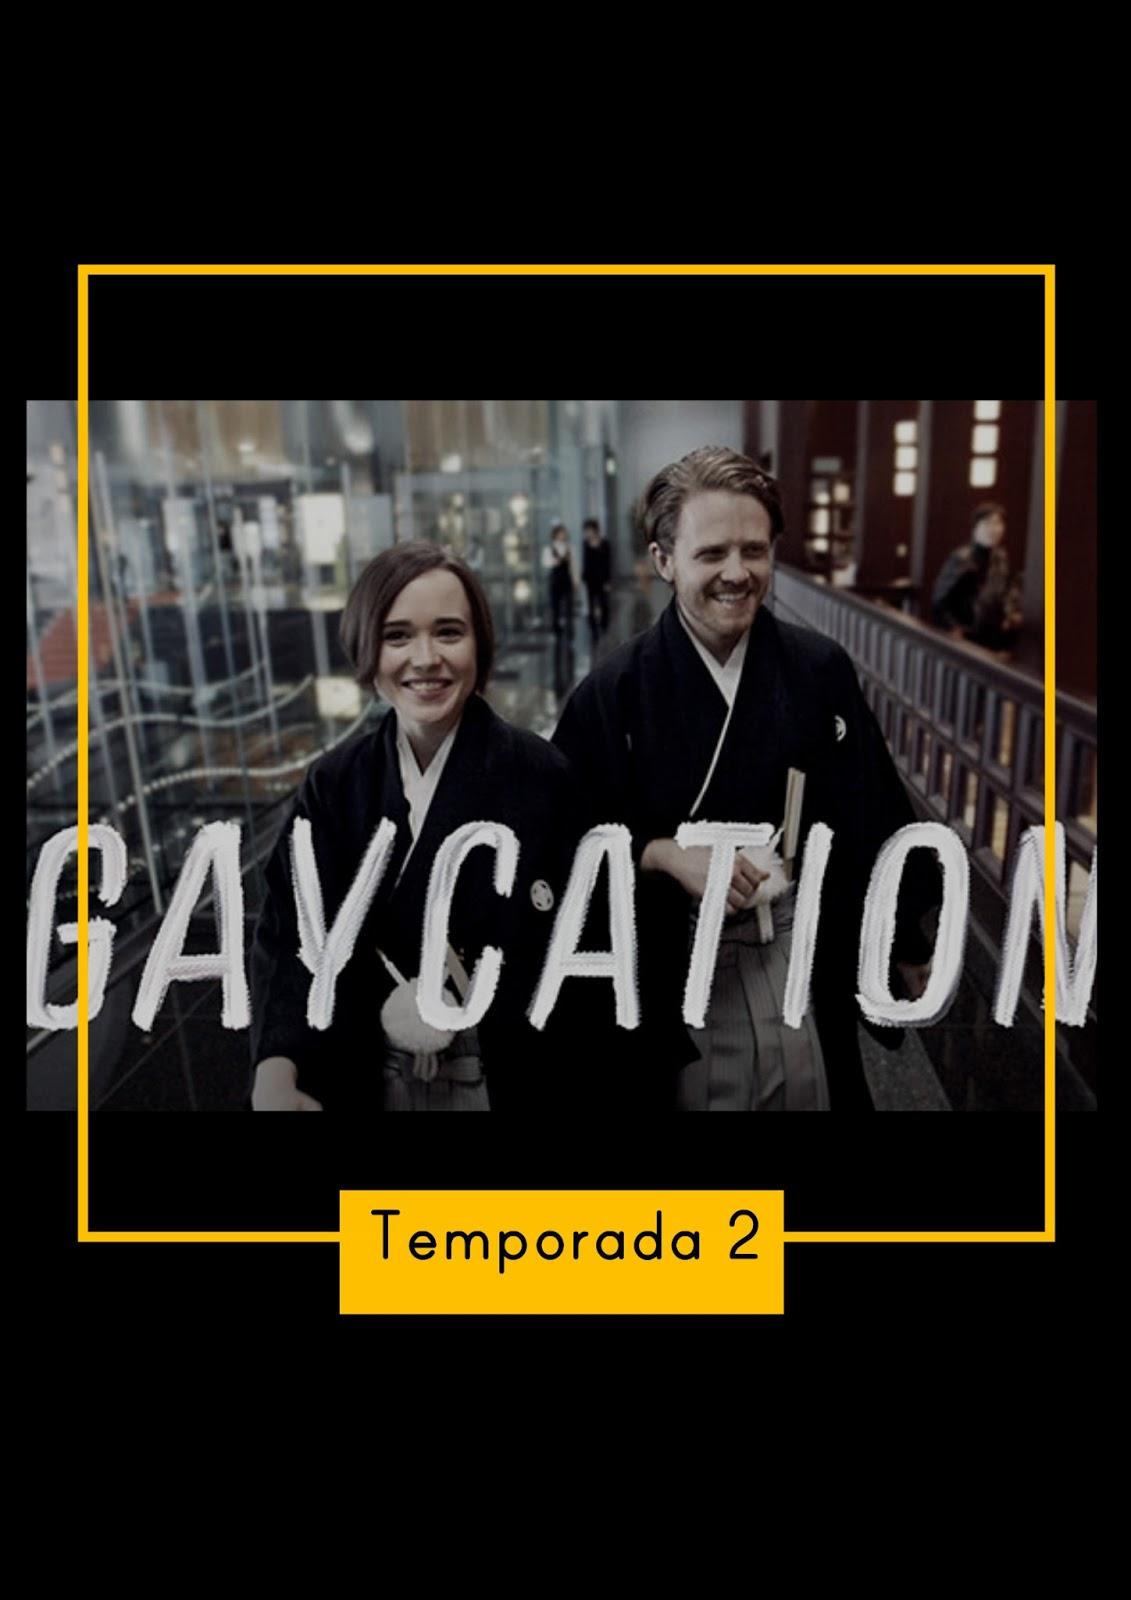 Gaycation